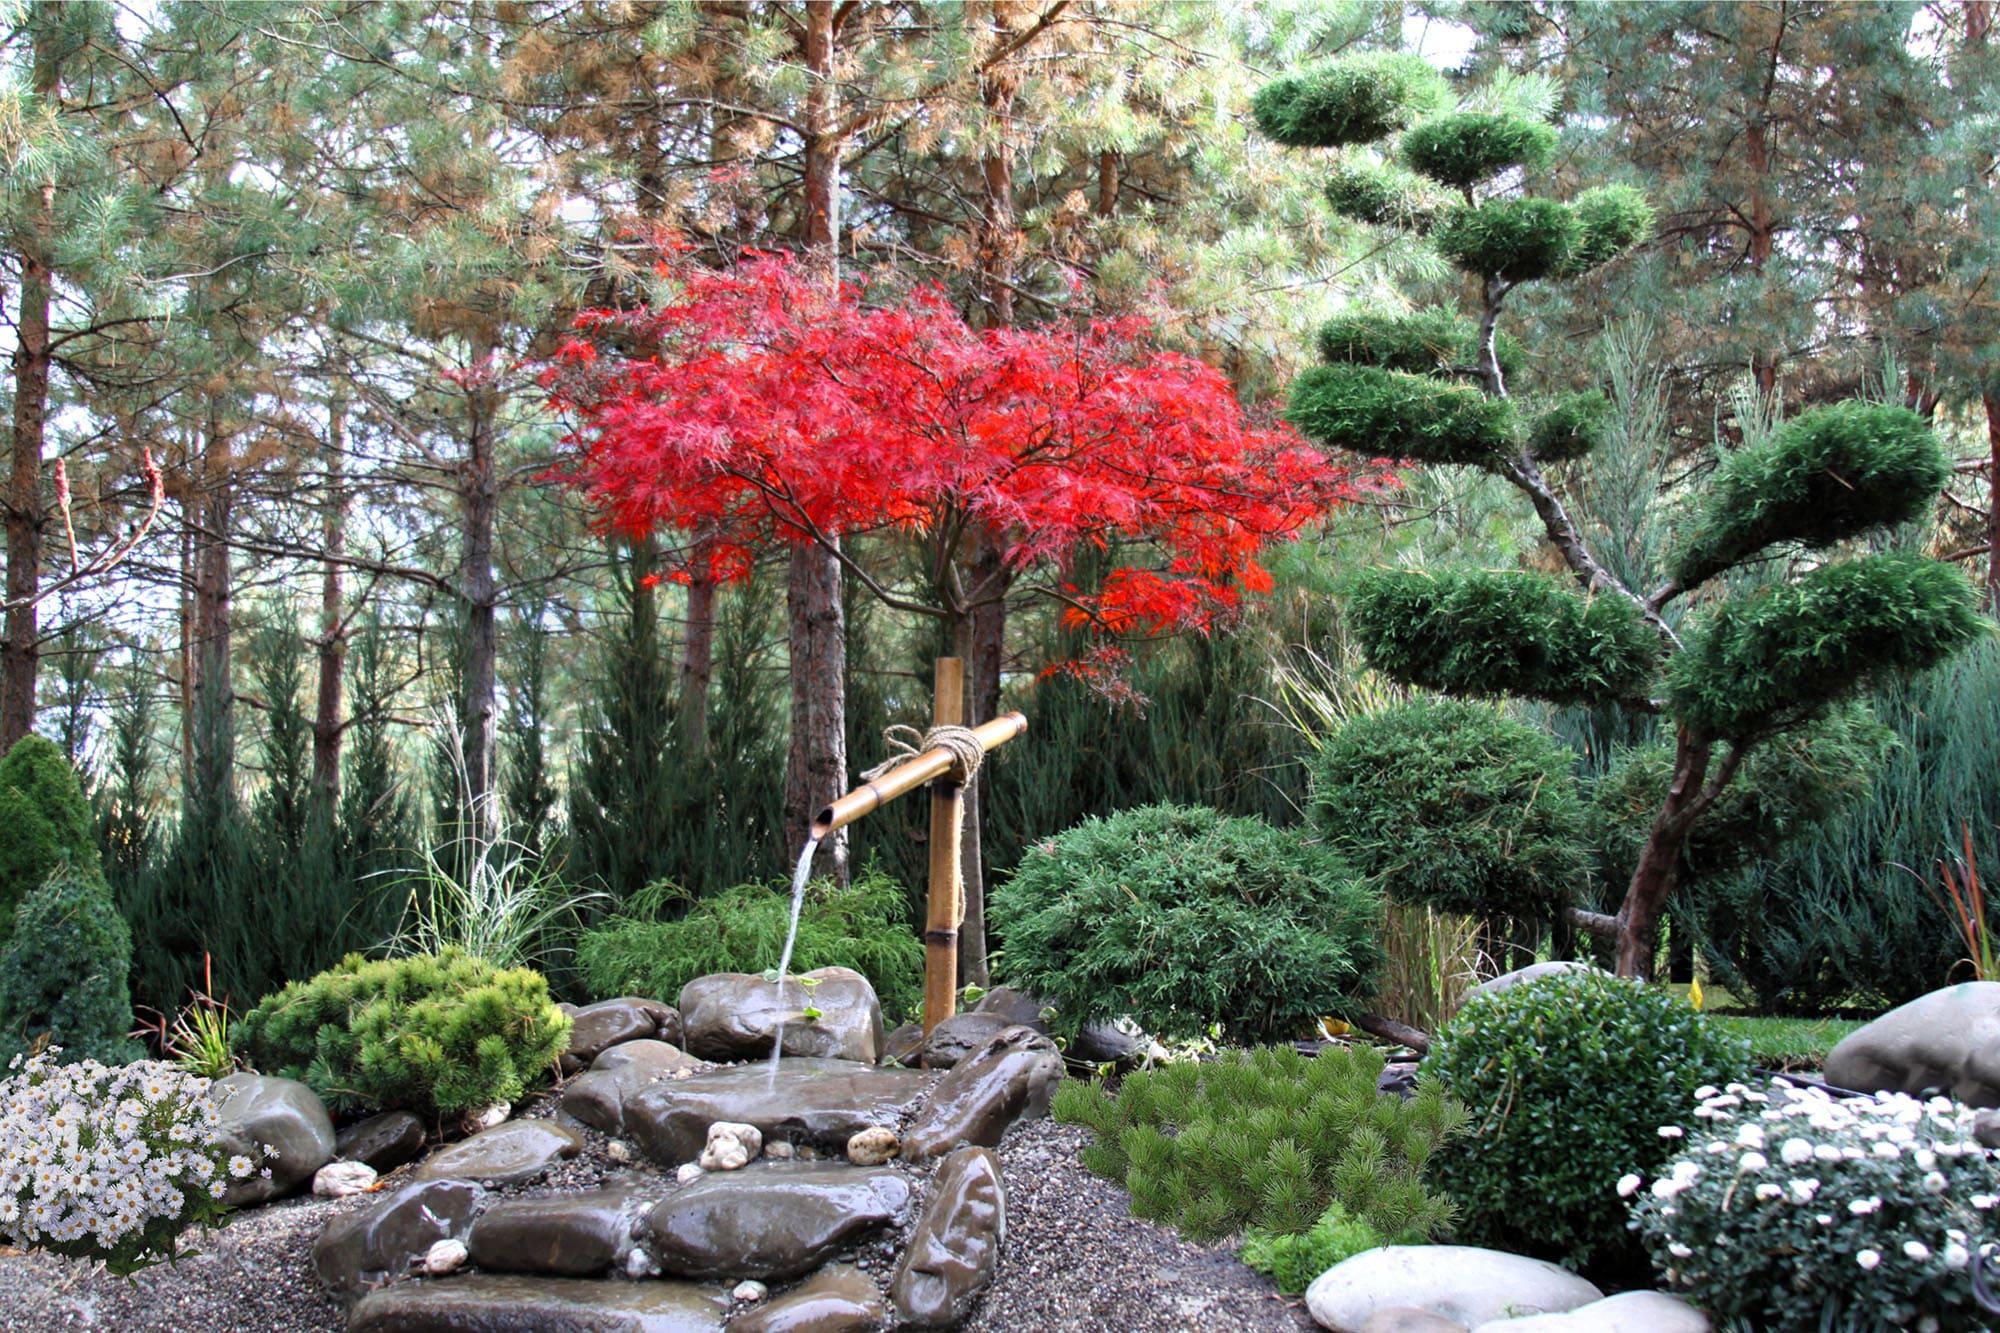 Японский фонтан из бамбука. Фото компании ландшафтного дизайна Магия сада